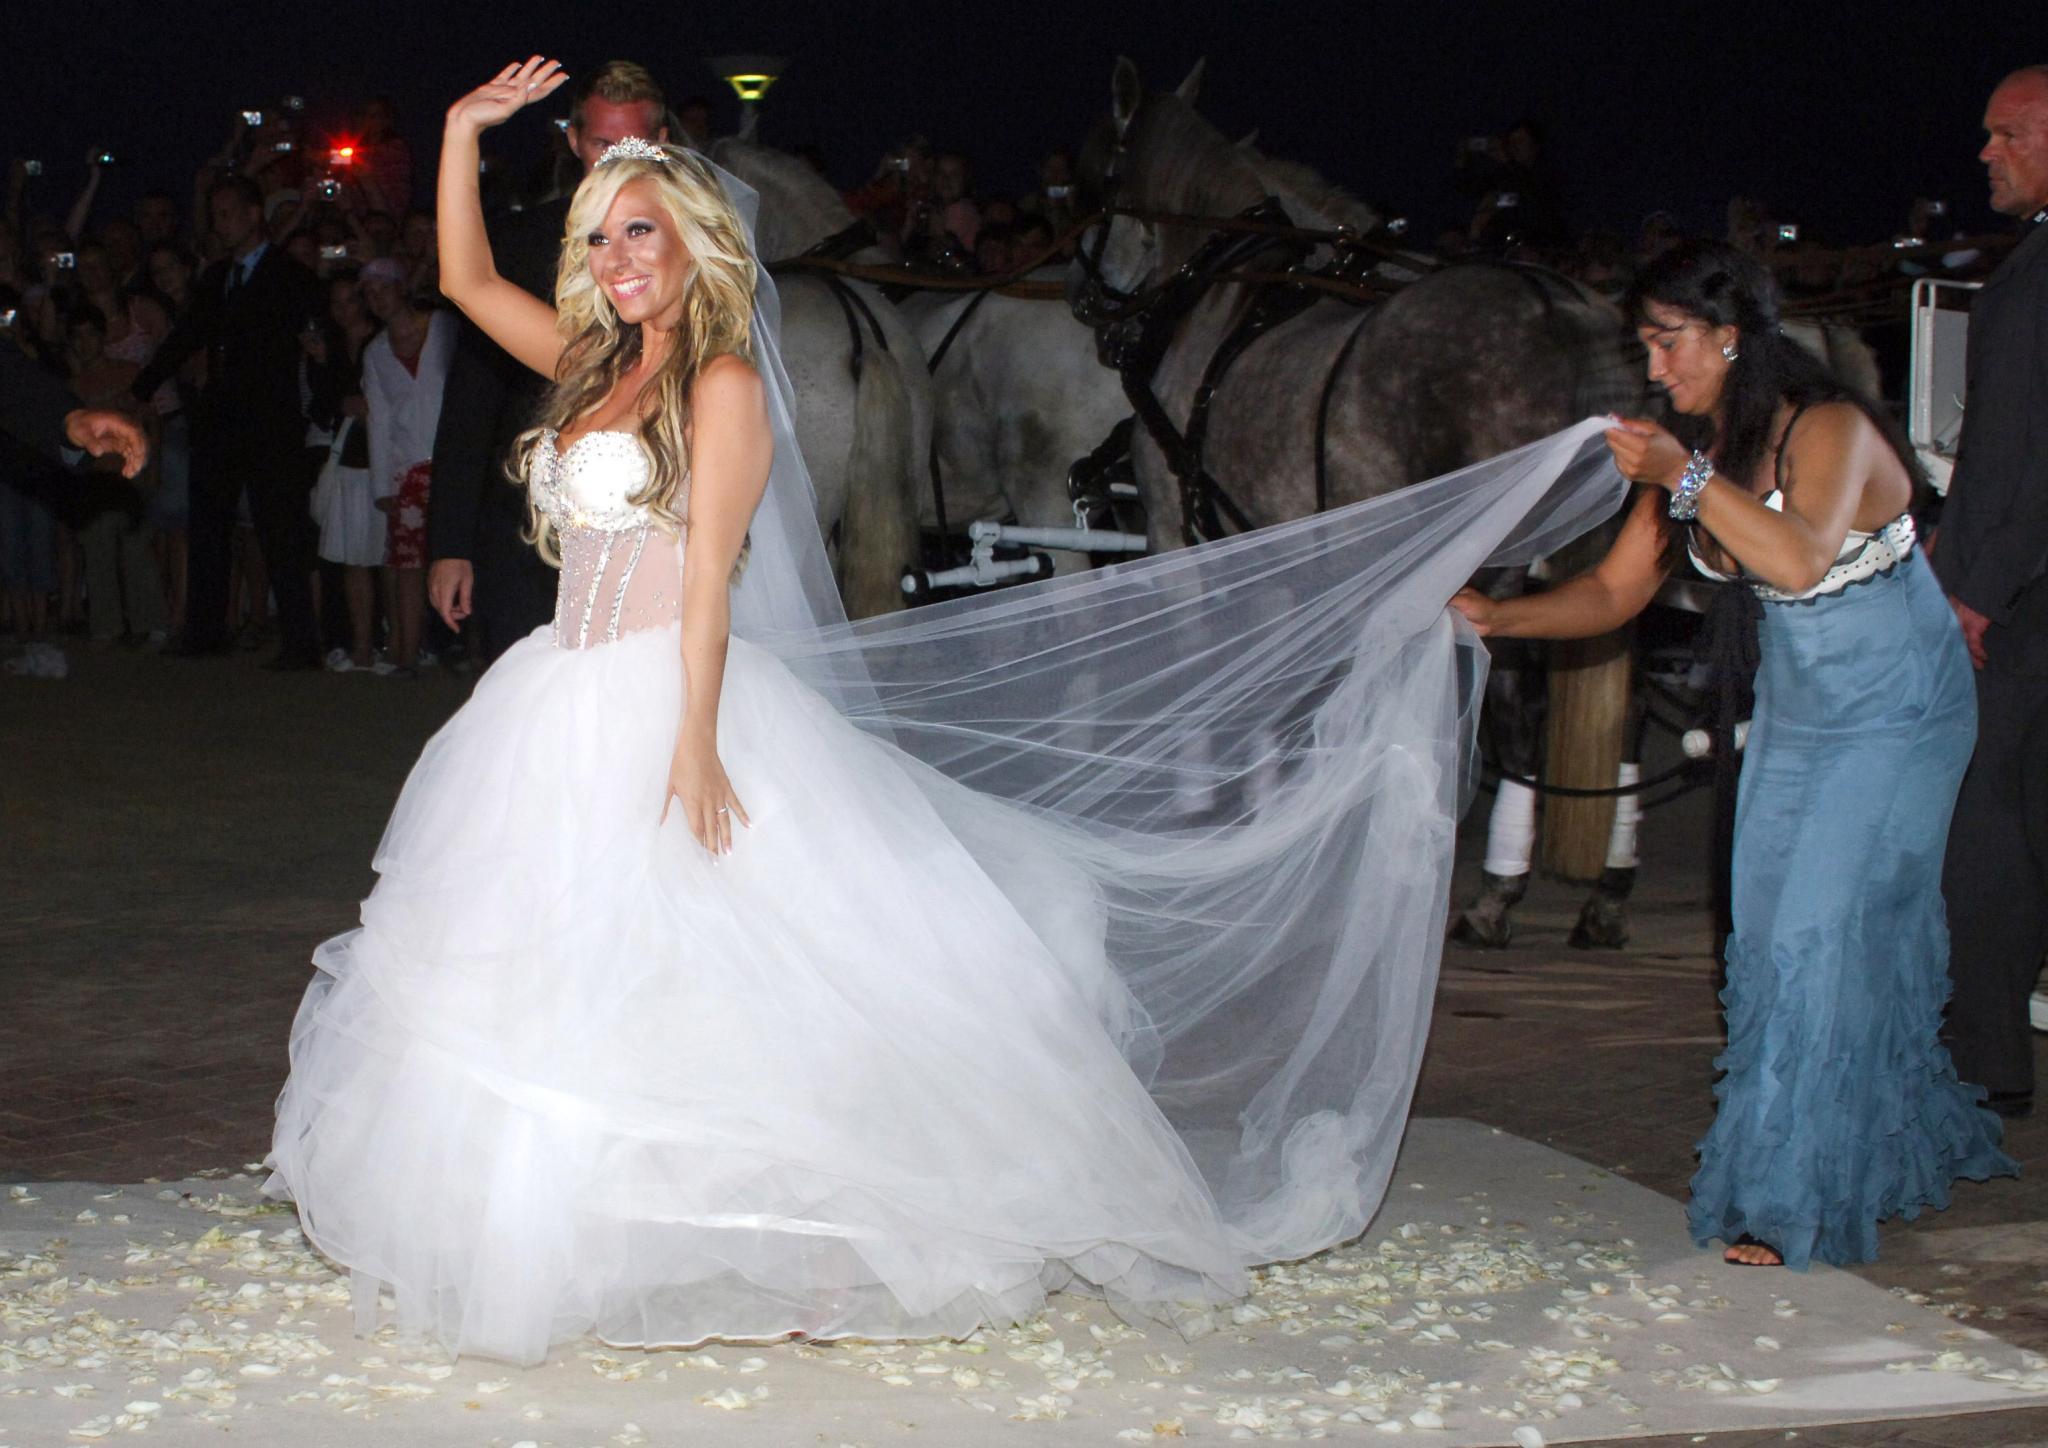 Hochzeit Katzenberger Bilder  Daniela Katzenberger Fotos ihres Wunsch Hochzeitskleides